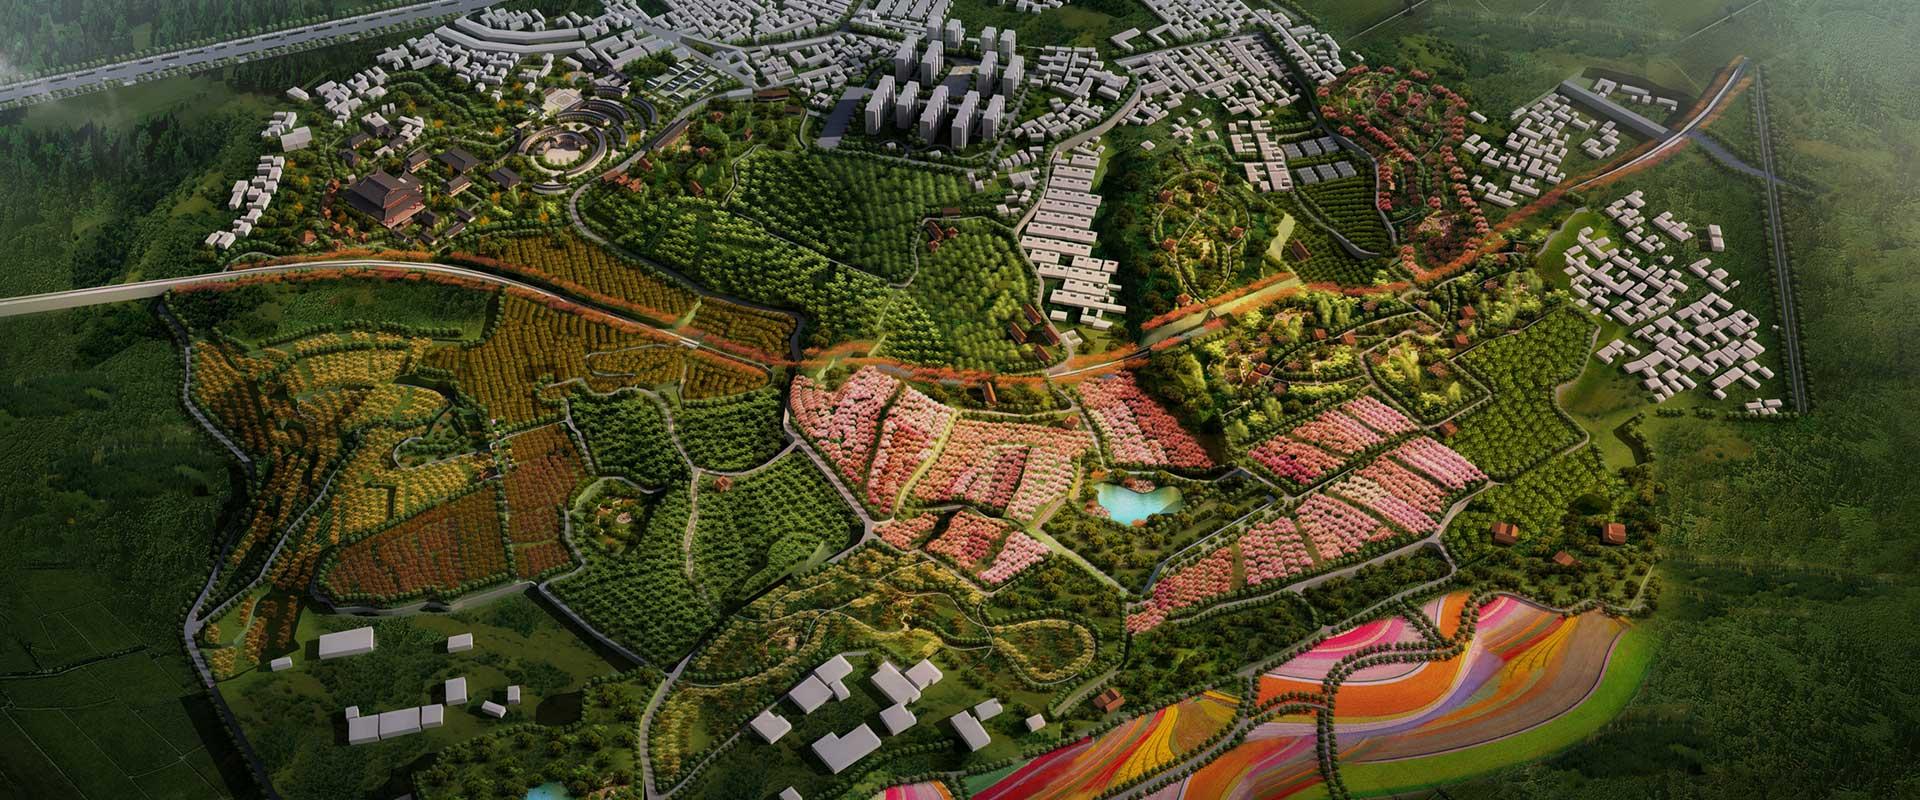 河南新密超化休闲农业产业园总体规划